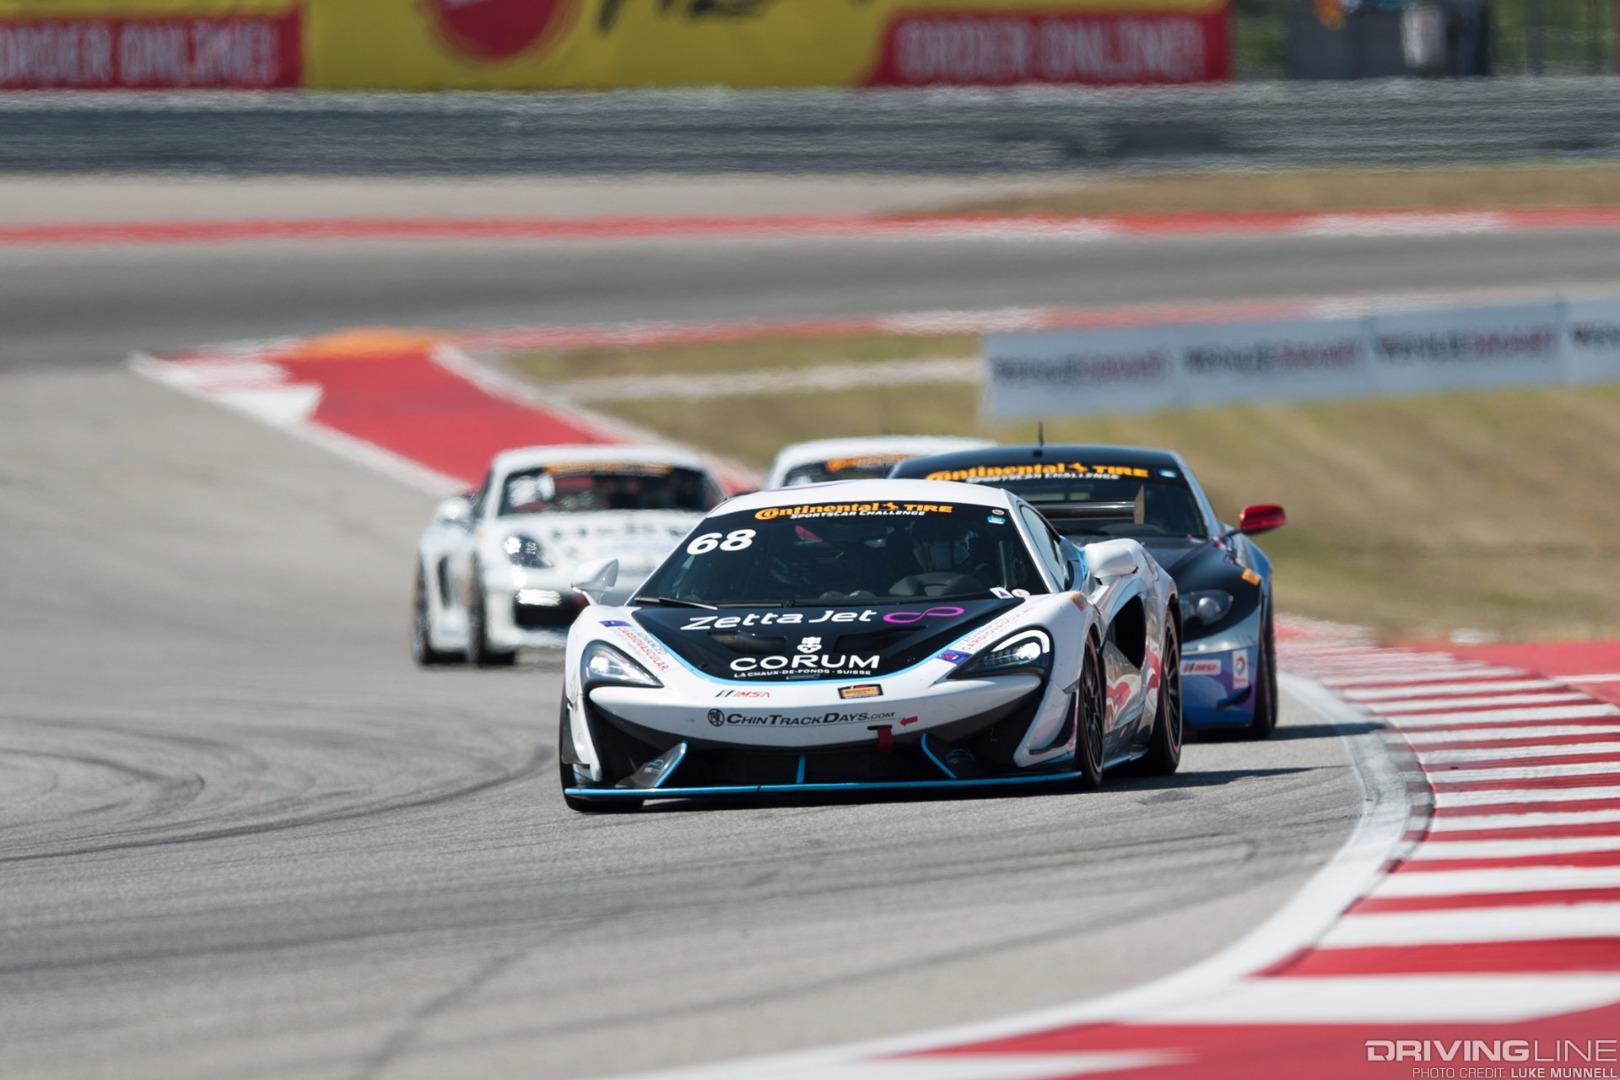 Imsa Live Stream >> IMSA COTA 2017: Why Sportscar Racing Rocks   DrivingLine